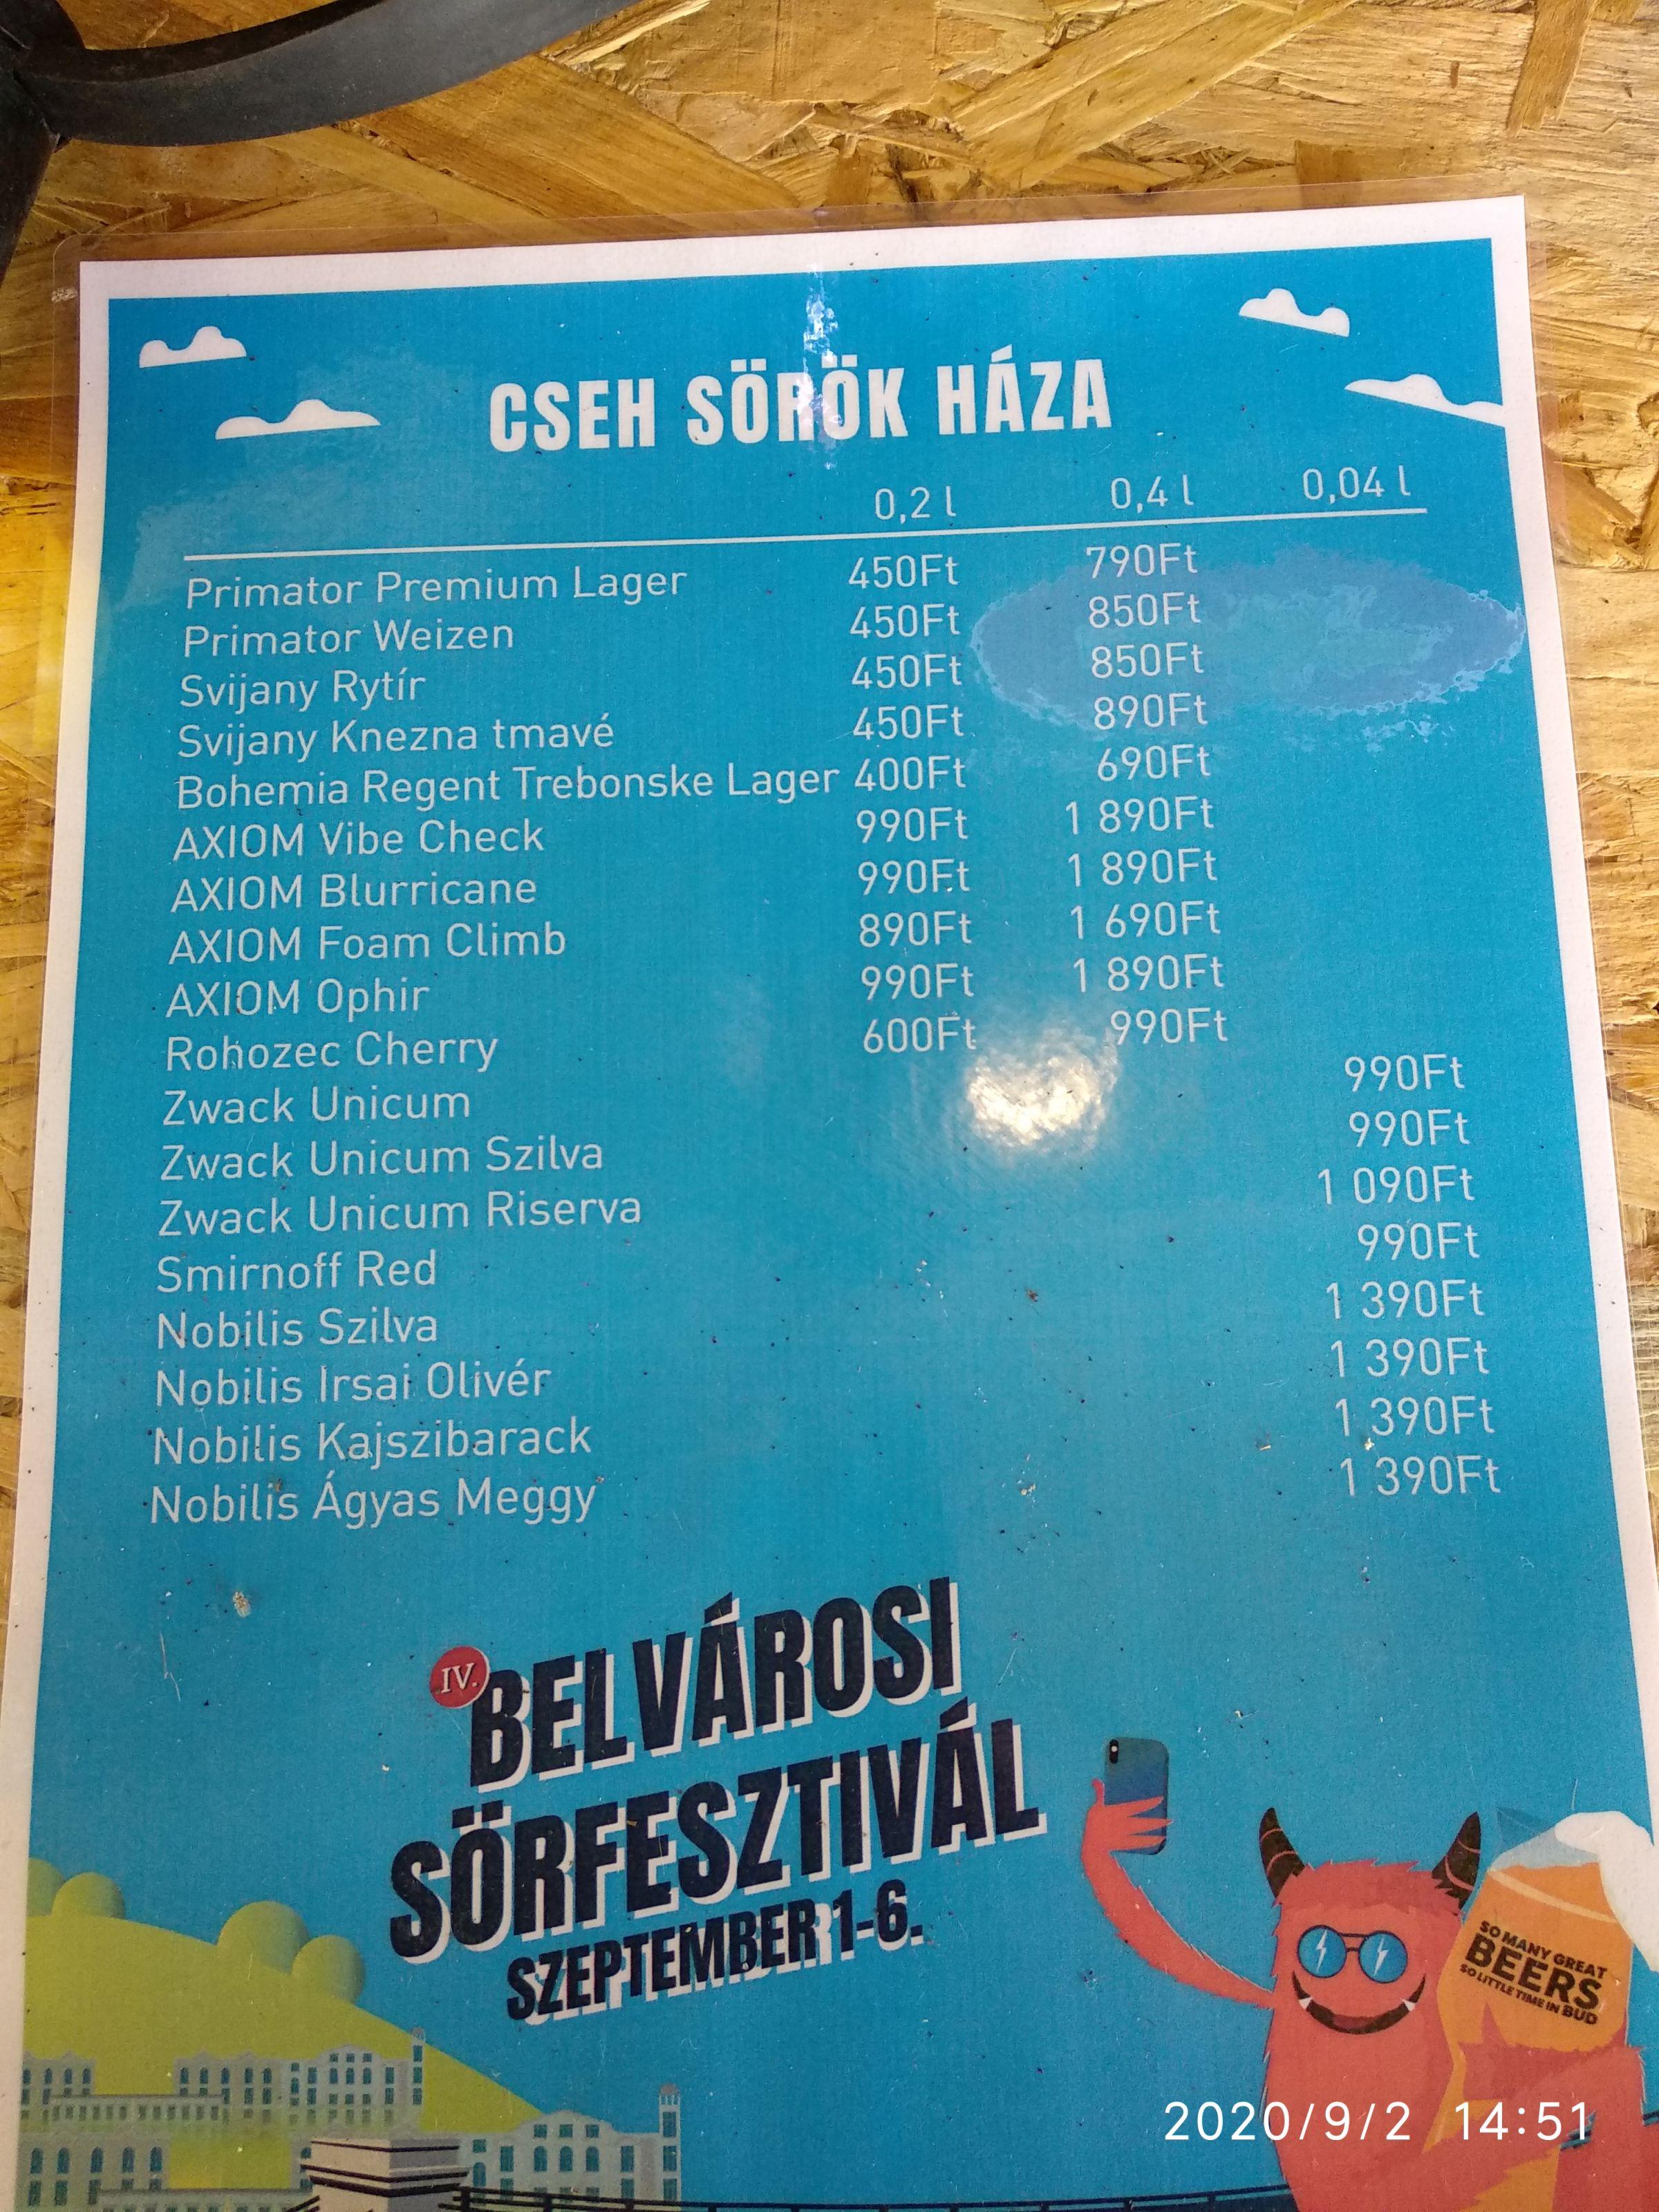 cseh_sorok_haza_2.jpg